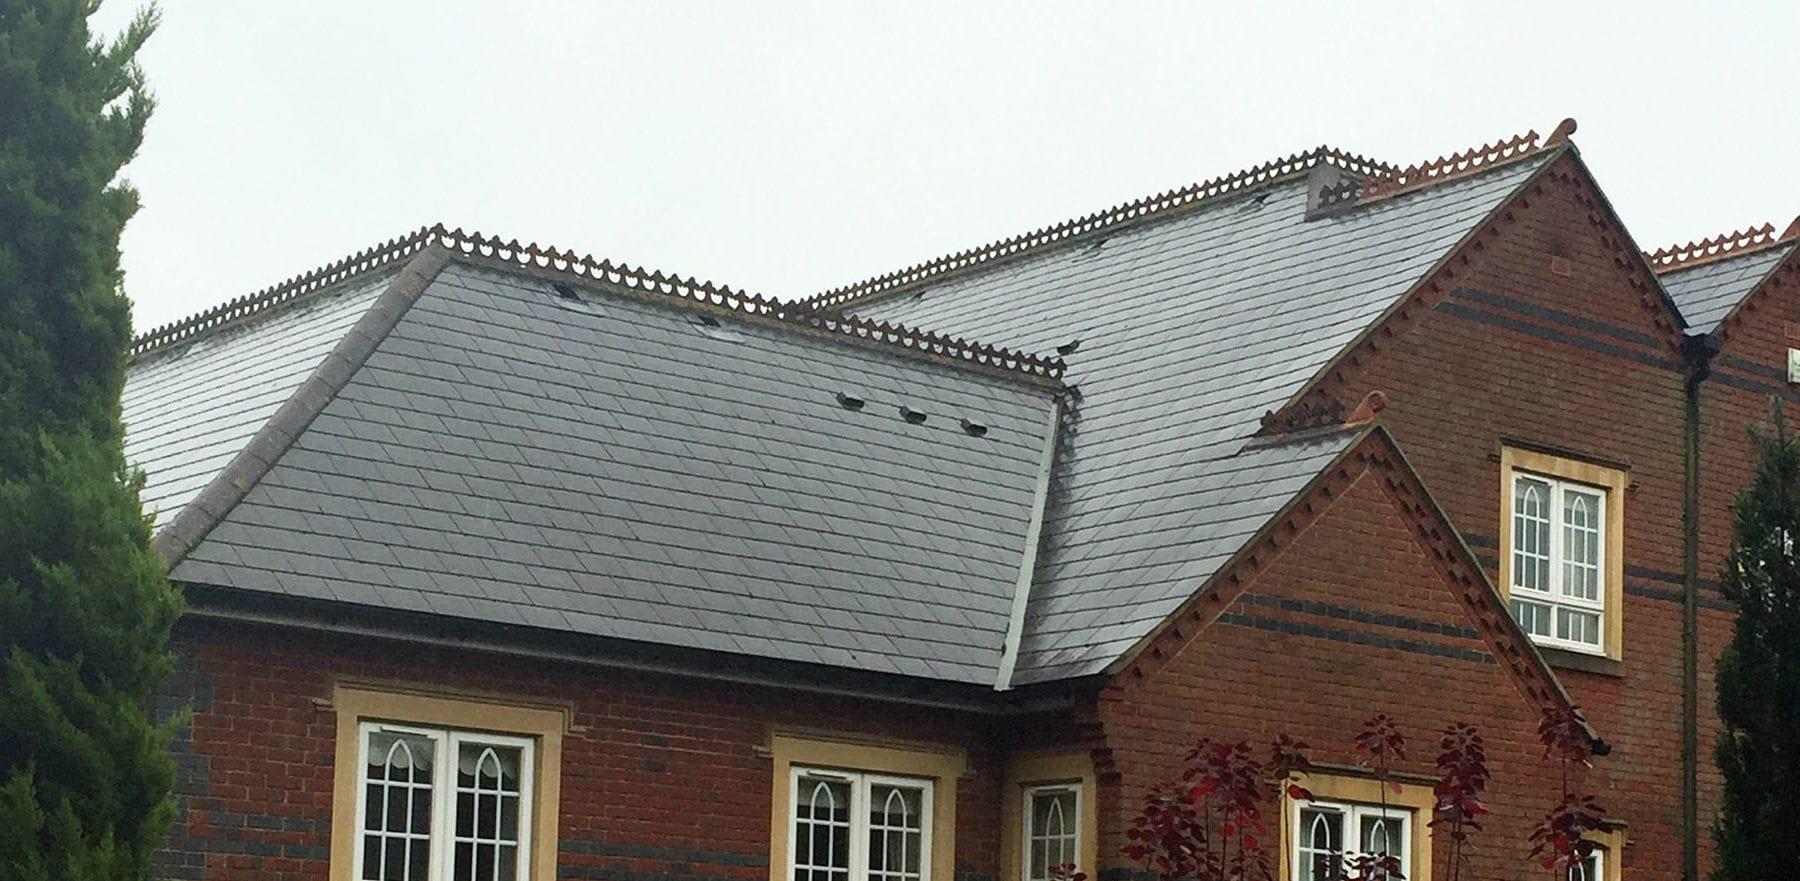 Lifestiles - Spanish Natural Slate Roof Tiles - Kingswood, England 2